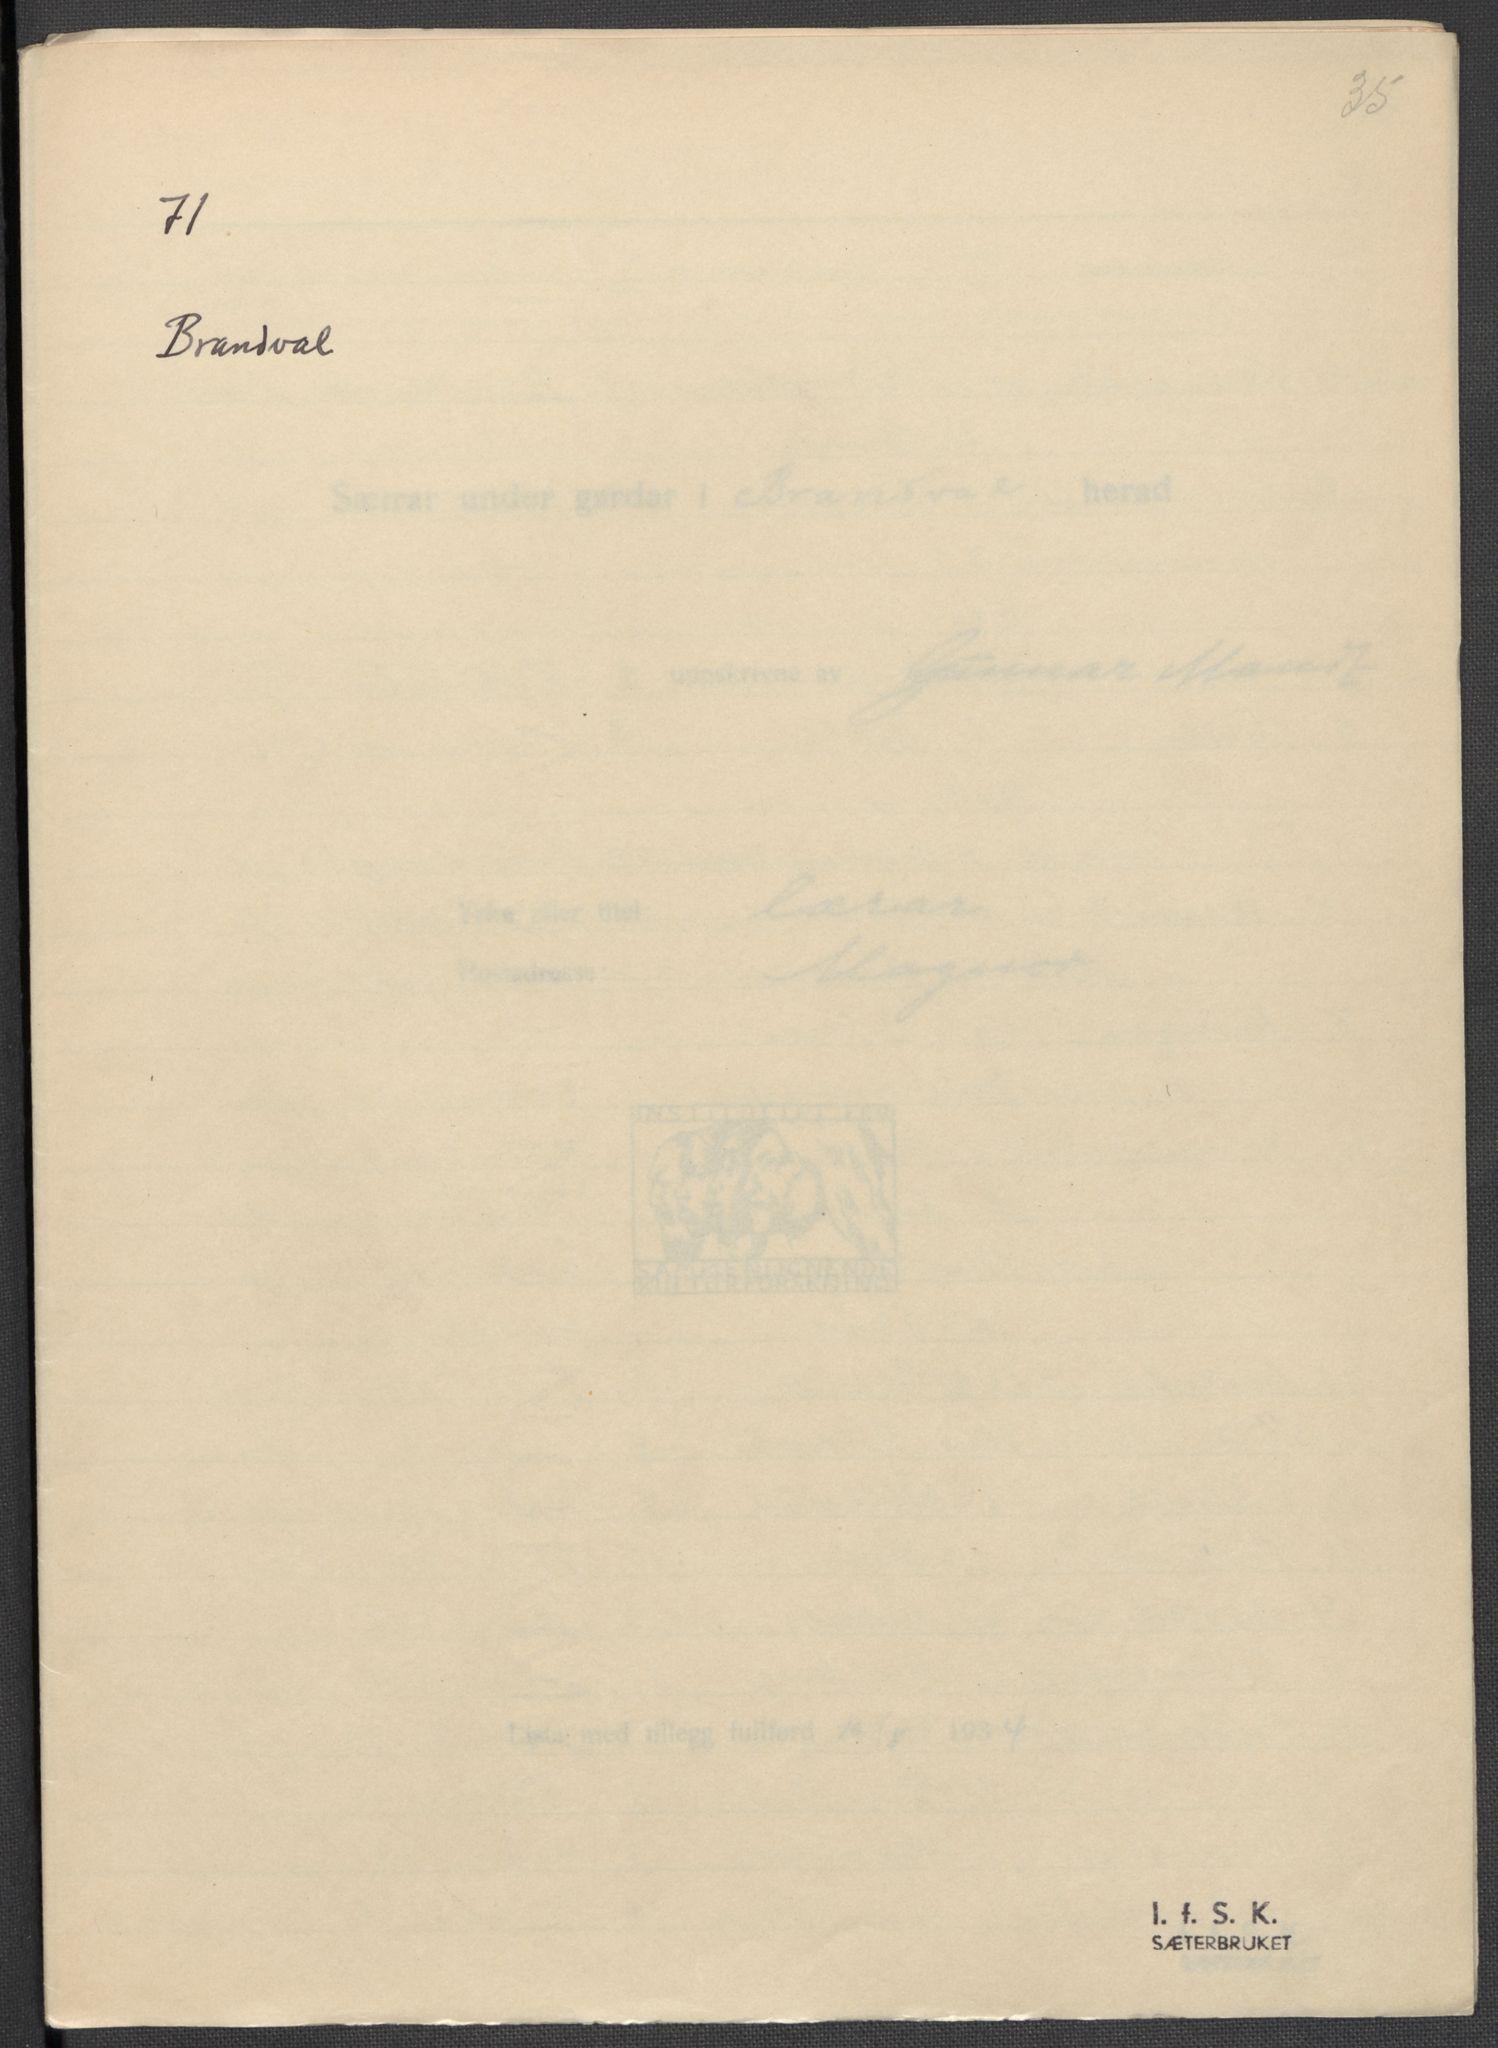 RA, Instituttet for sammenlignende kulturforskning, F/Fc/L0003: Eske B3:, 1934-1935, s. 35